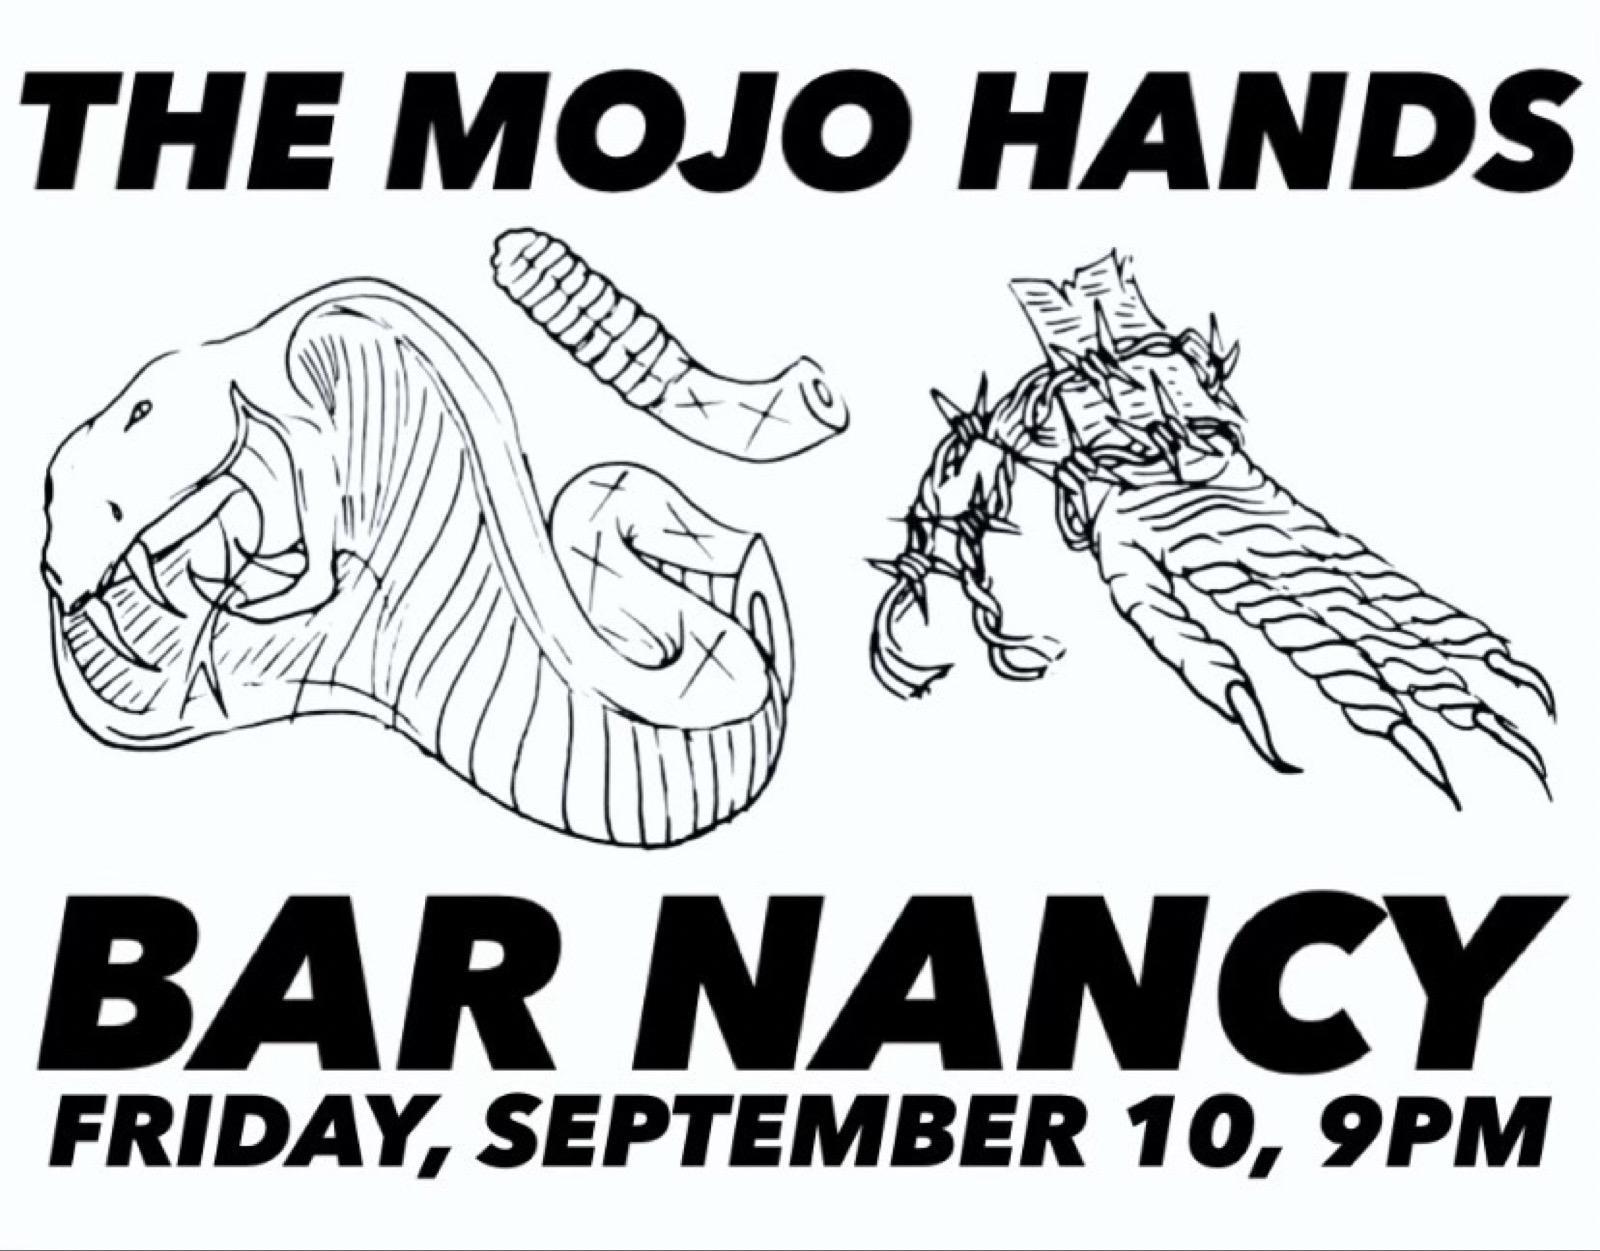 The Mojo Hands at Bar Nancy - Friday Sep 10 at 9PM